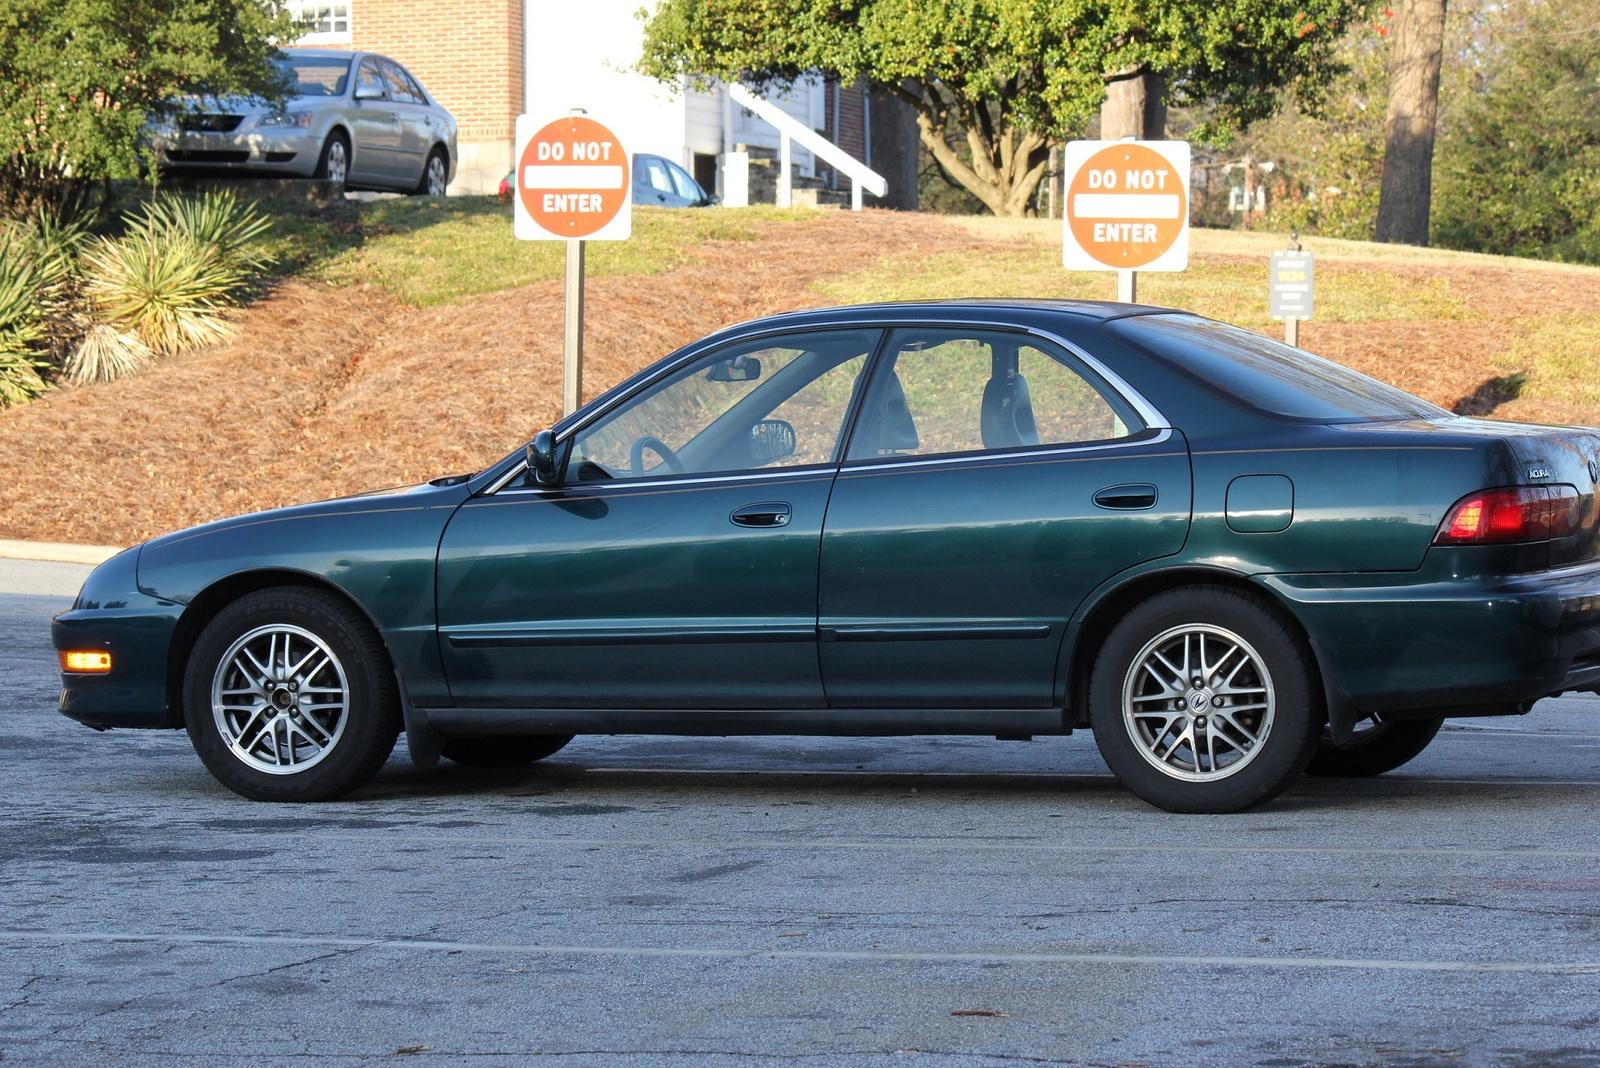 1998 Acura Integra - Pictures - CarGurus